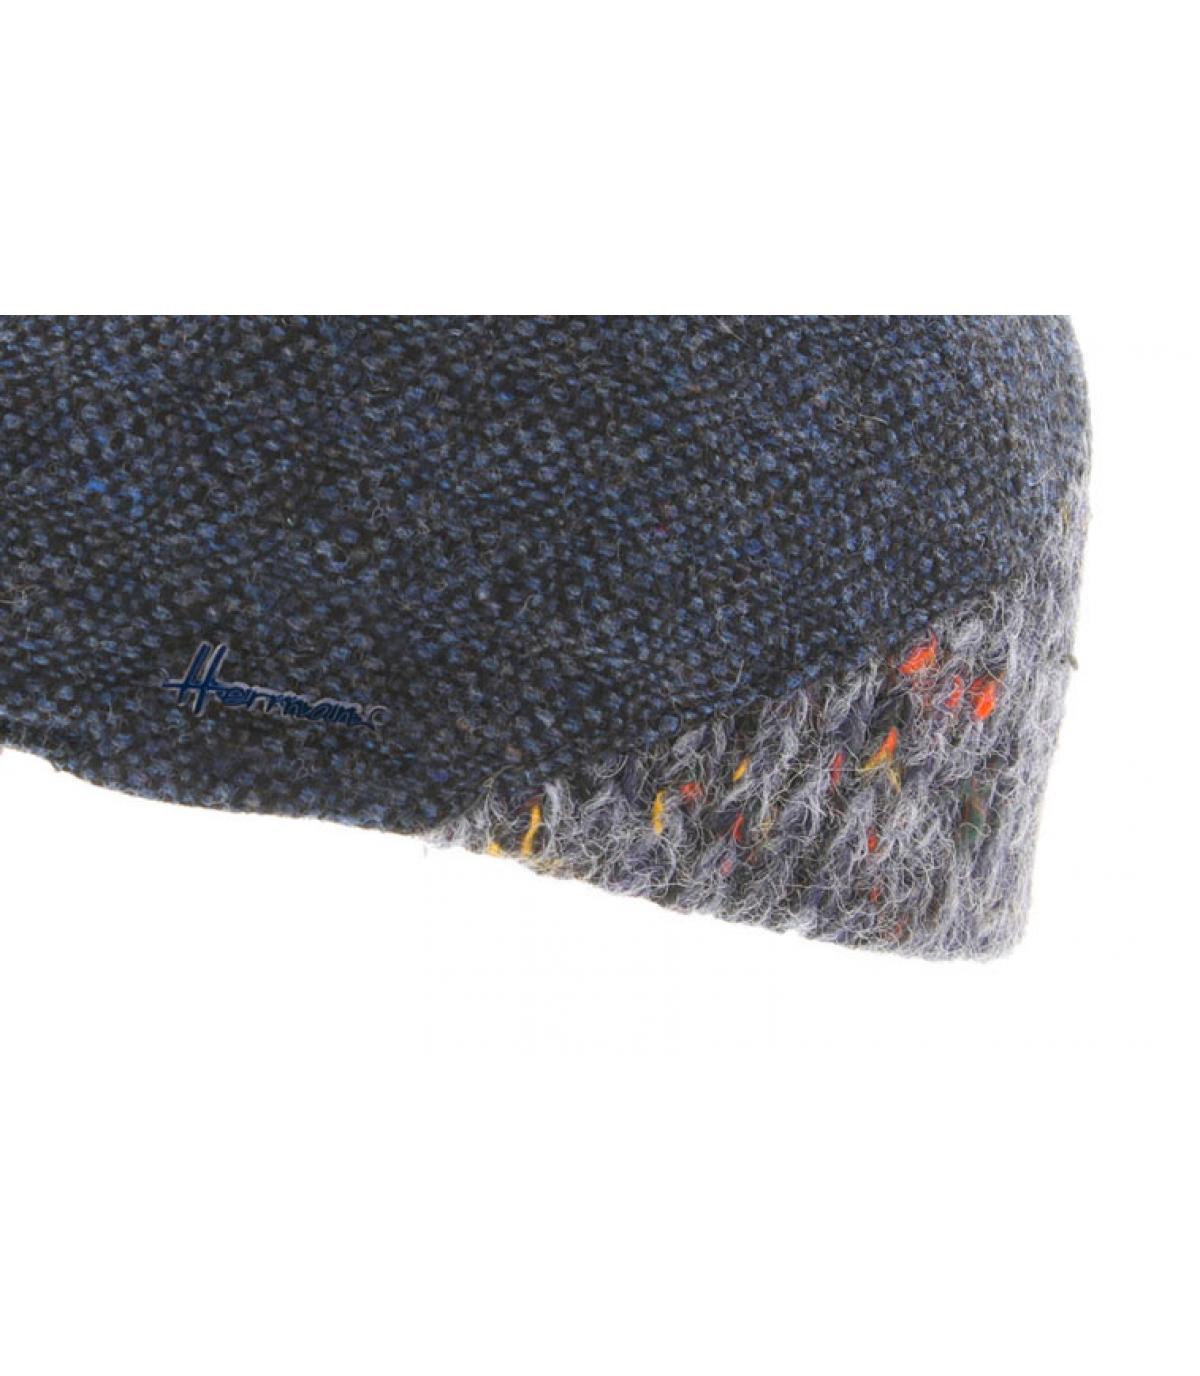 Details Range Wool blue - afbeeling 3